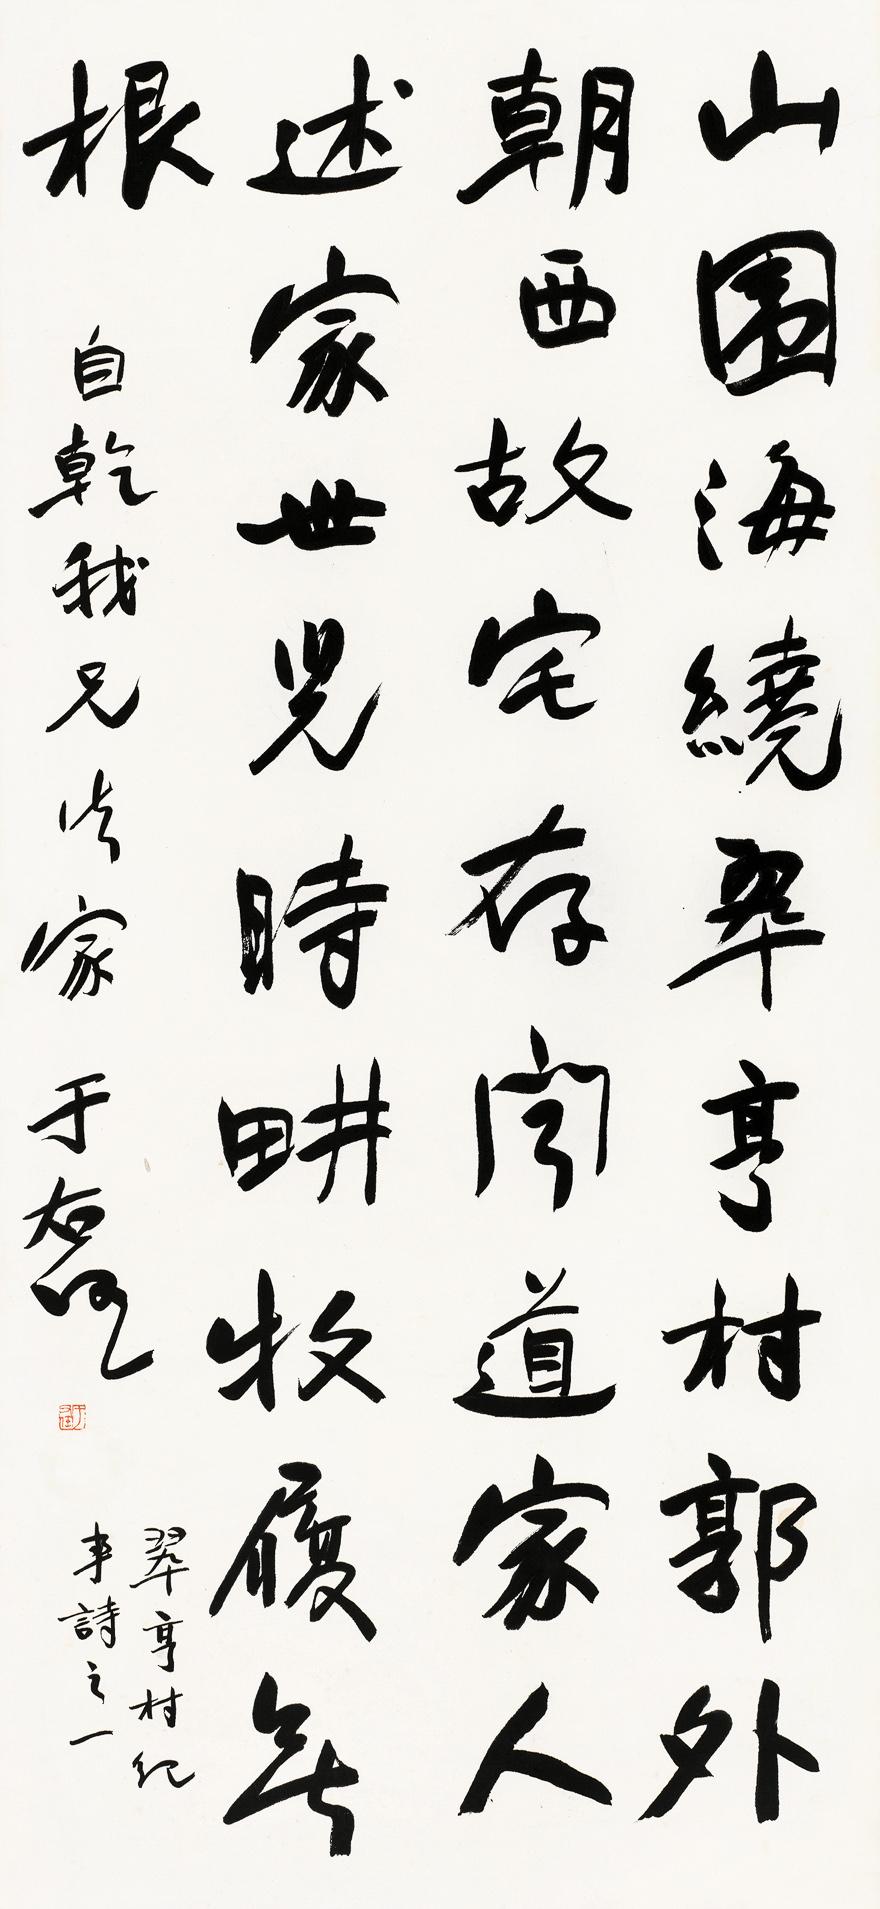 草书翠亨村纪事诗之一